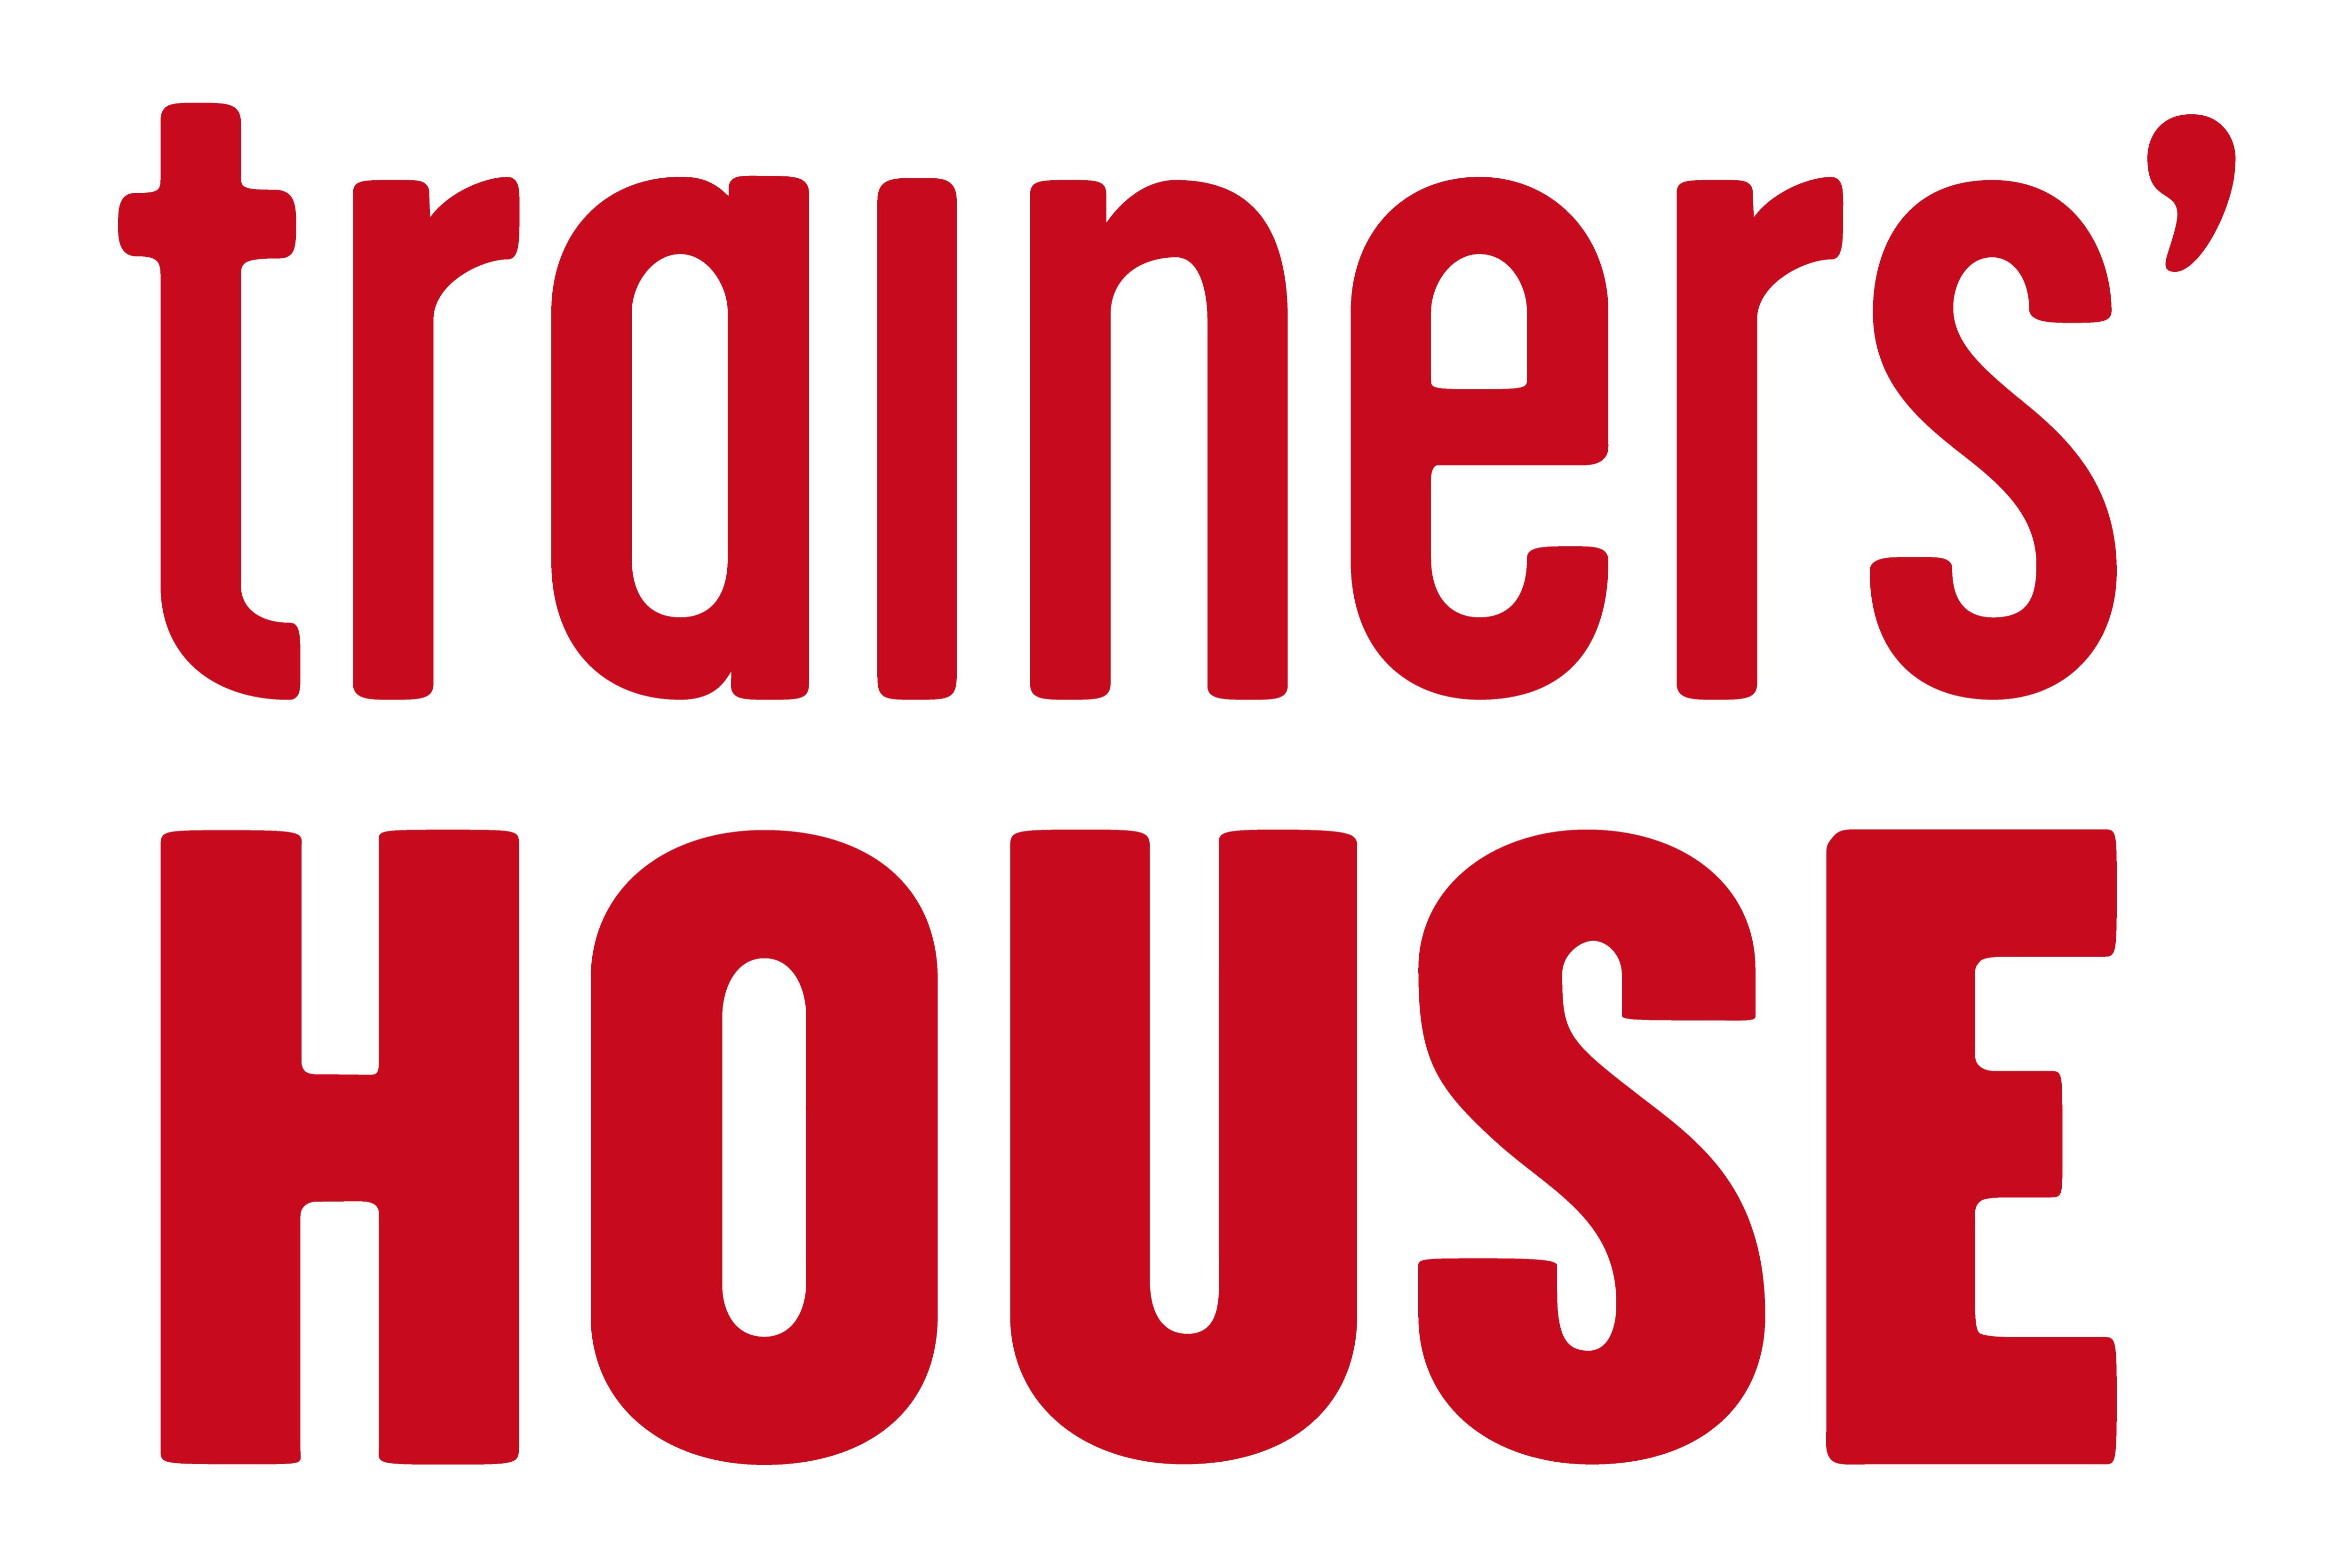 trainers-house-markkinoija-b2b-tiimiin-espooseen-espoo-sdsuu-2986578 logo